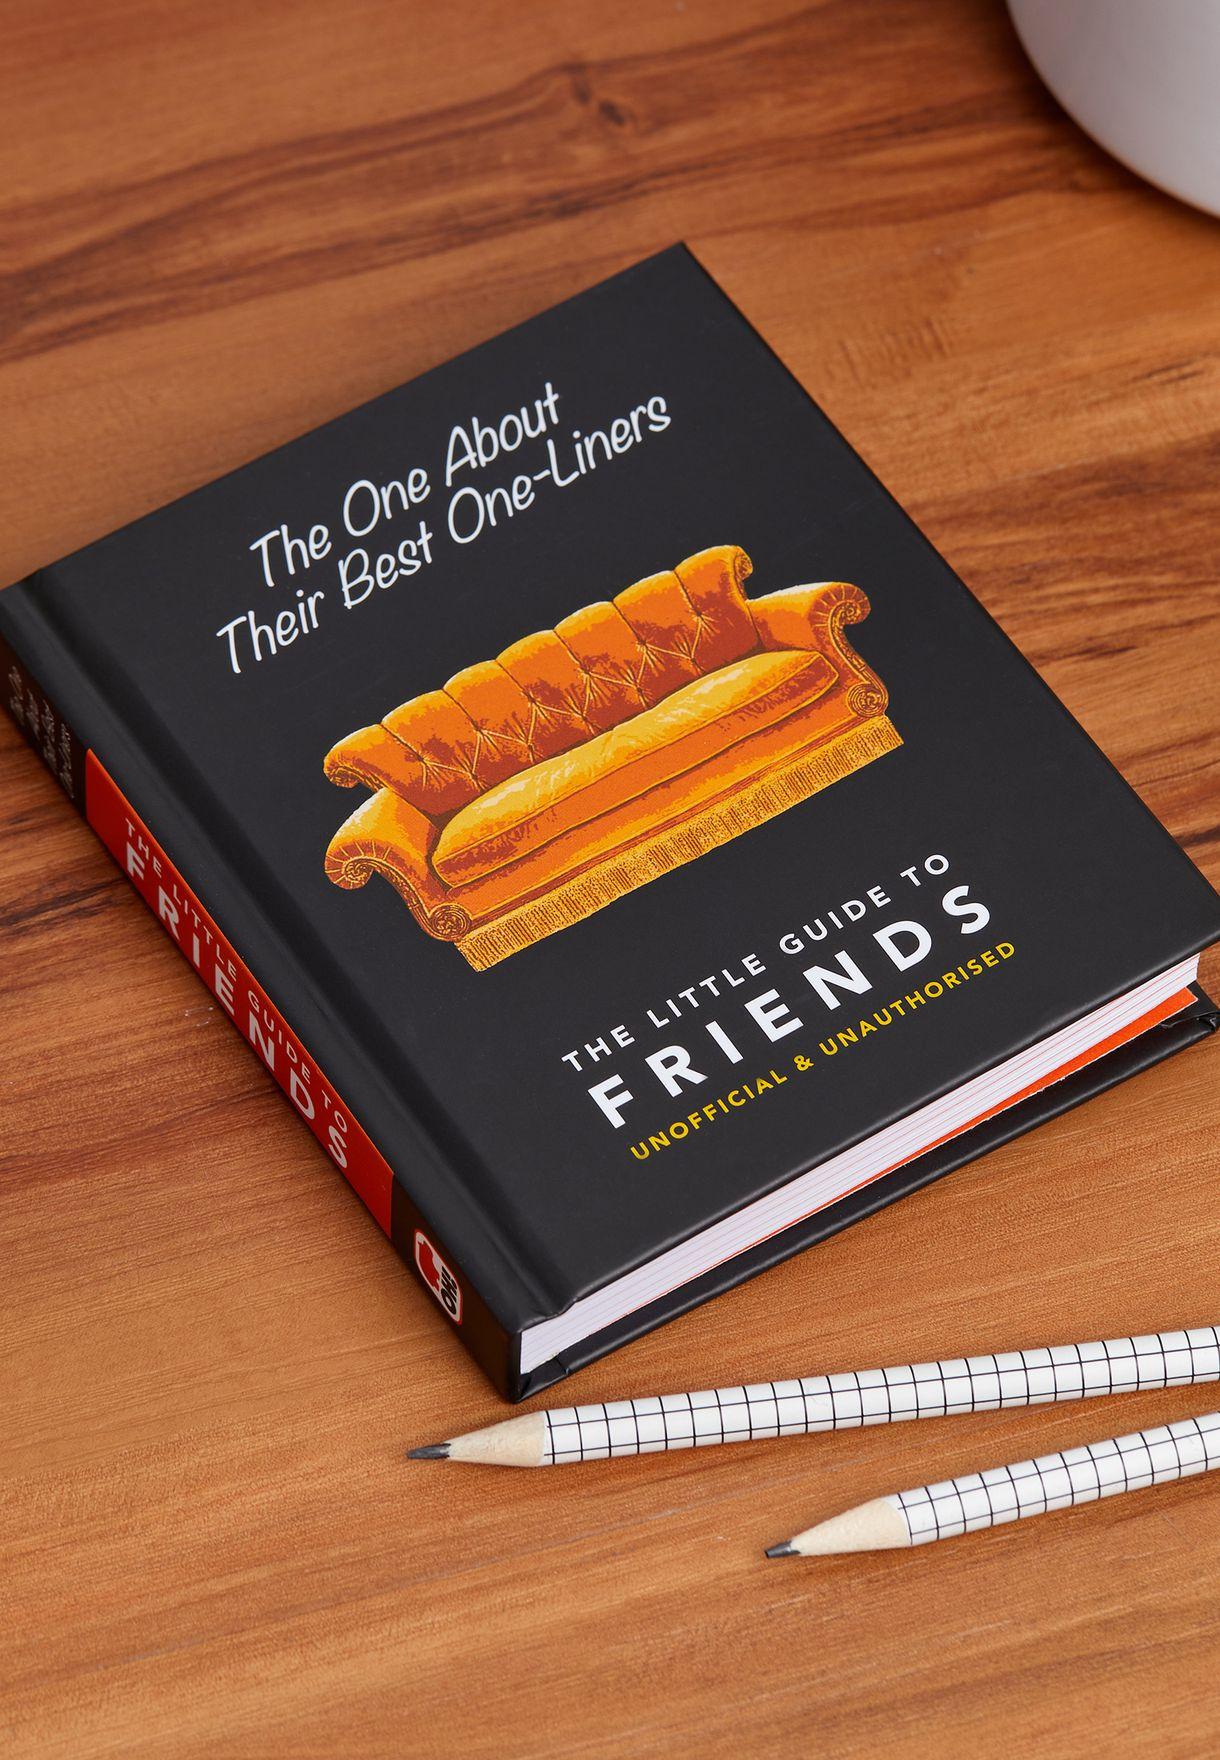 كتاب ذا ليتل بوك اوف فريندز